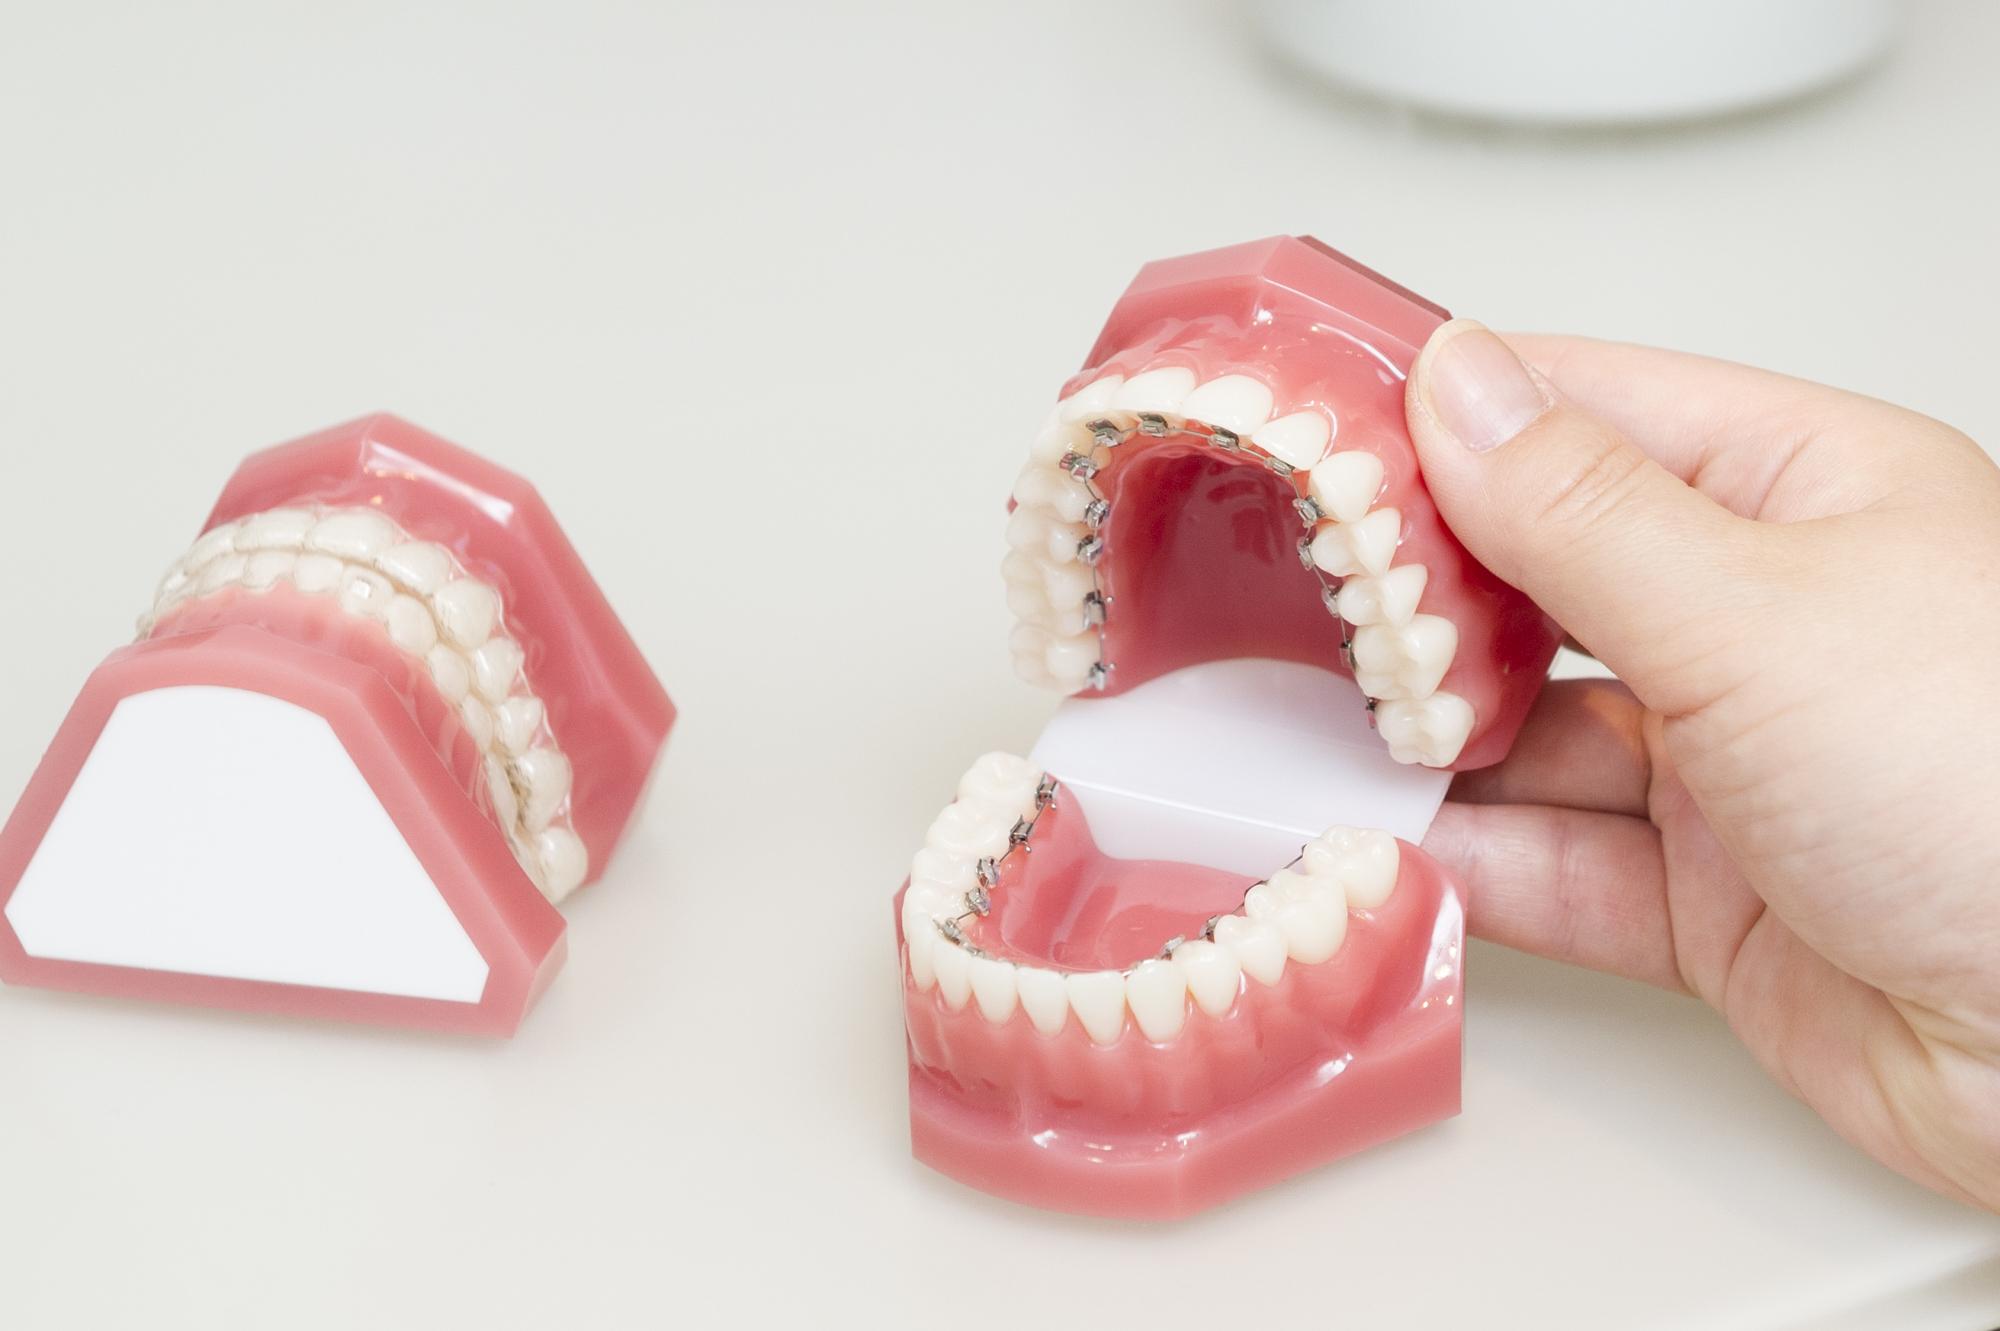 歯並び矯正 沖縄CLASS-A